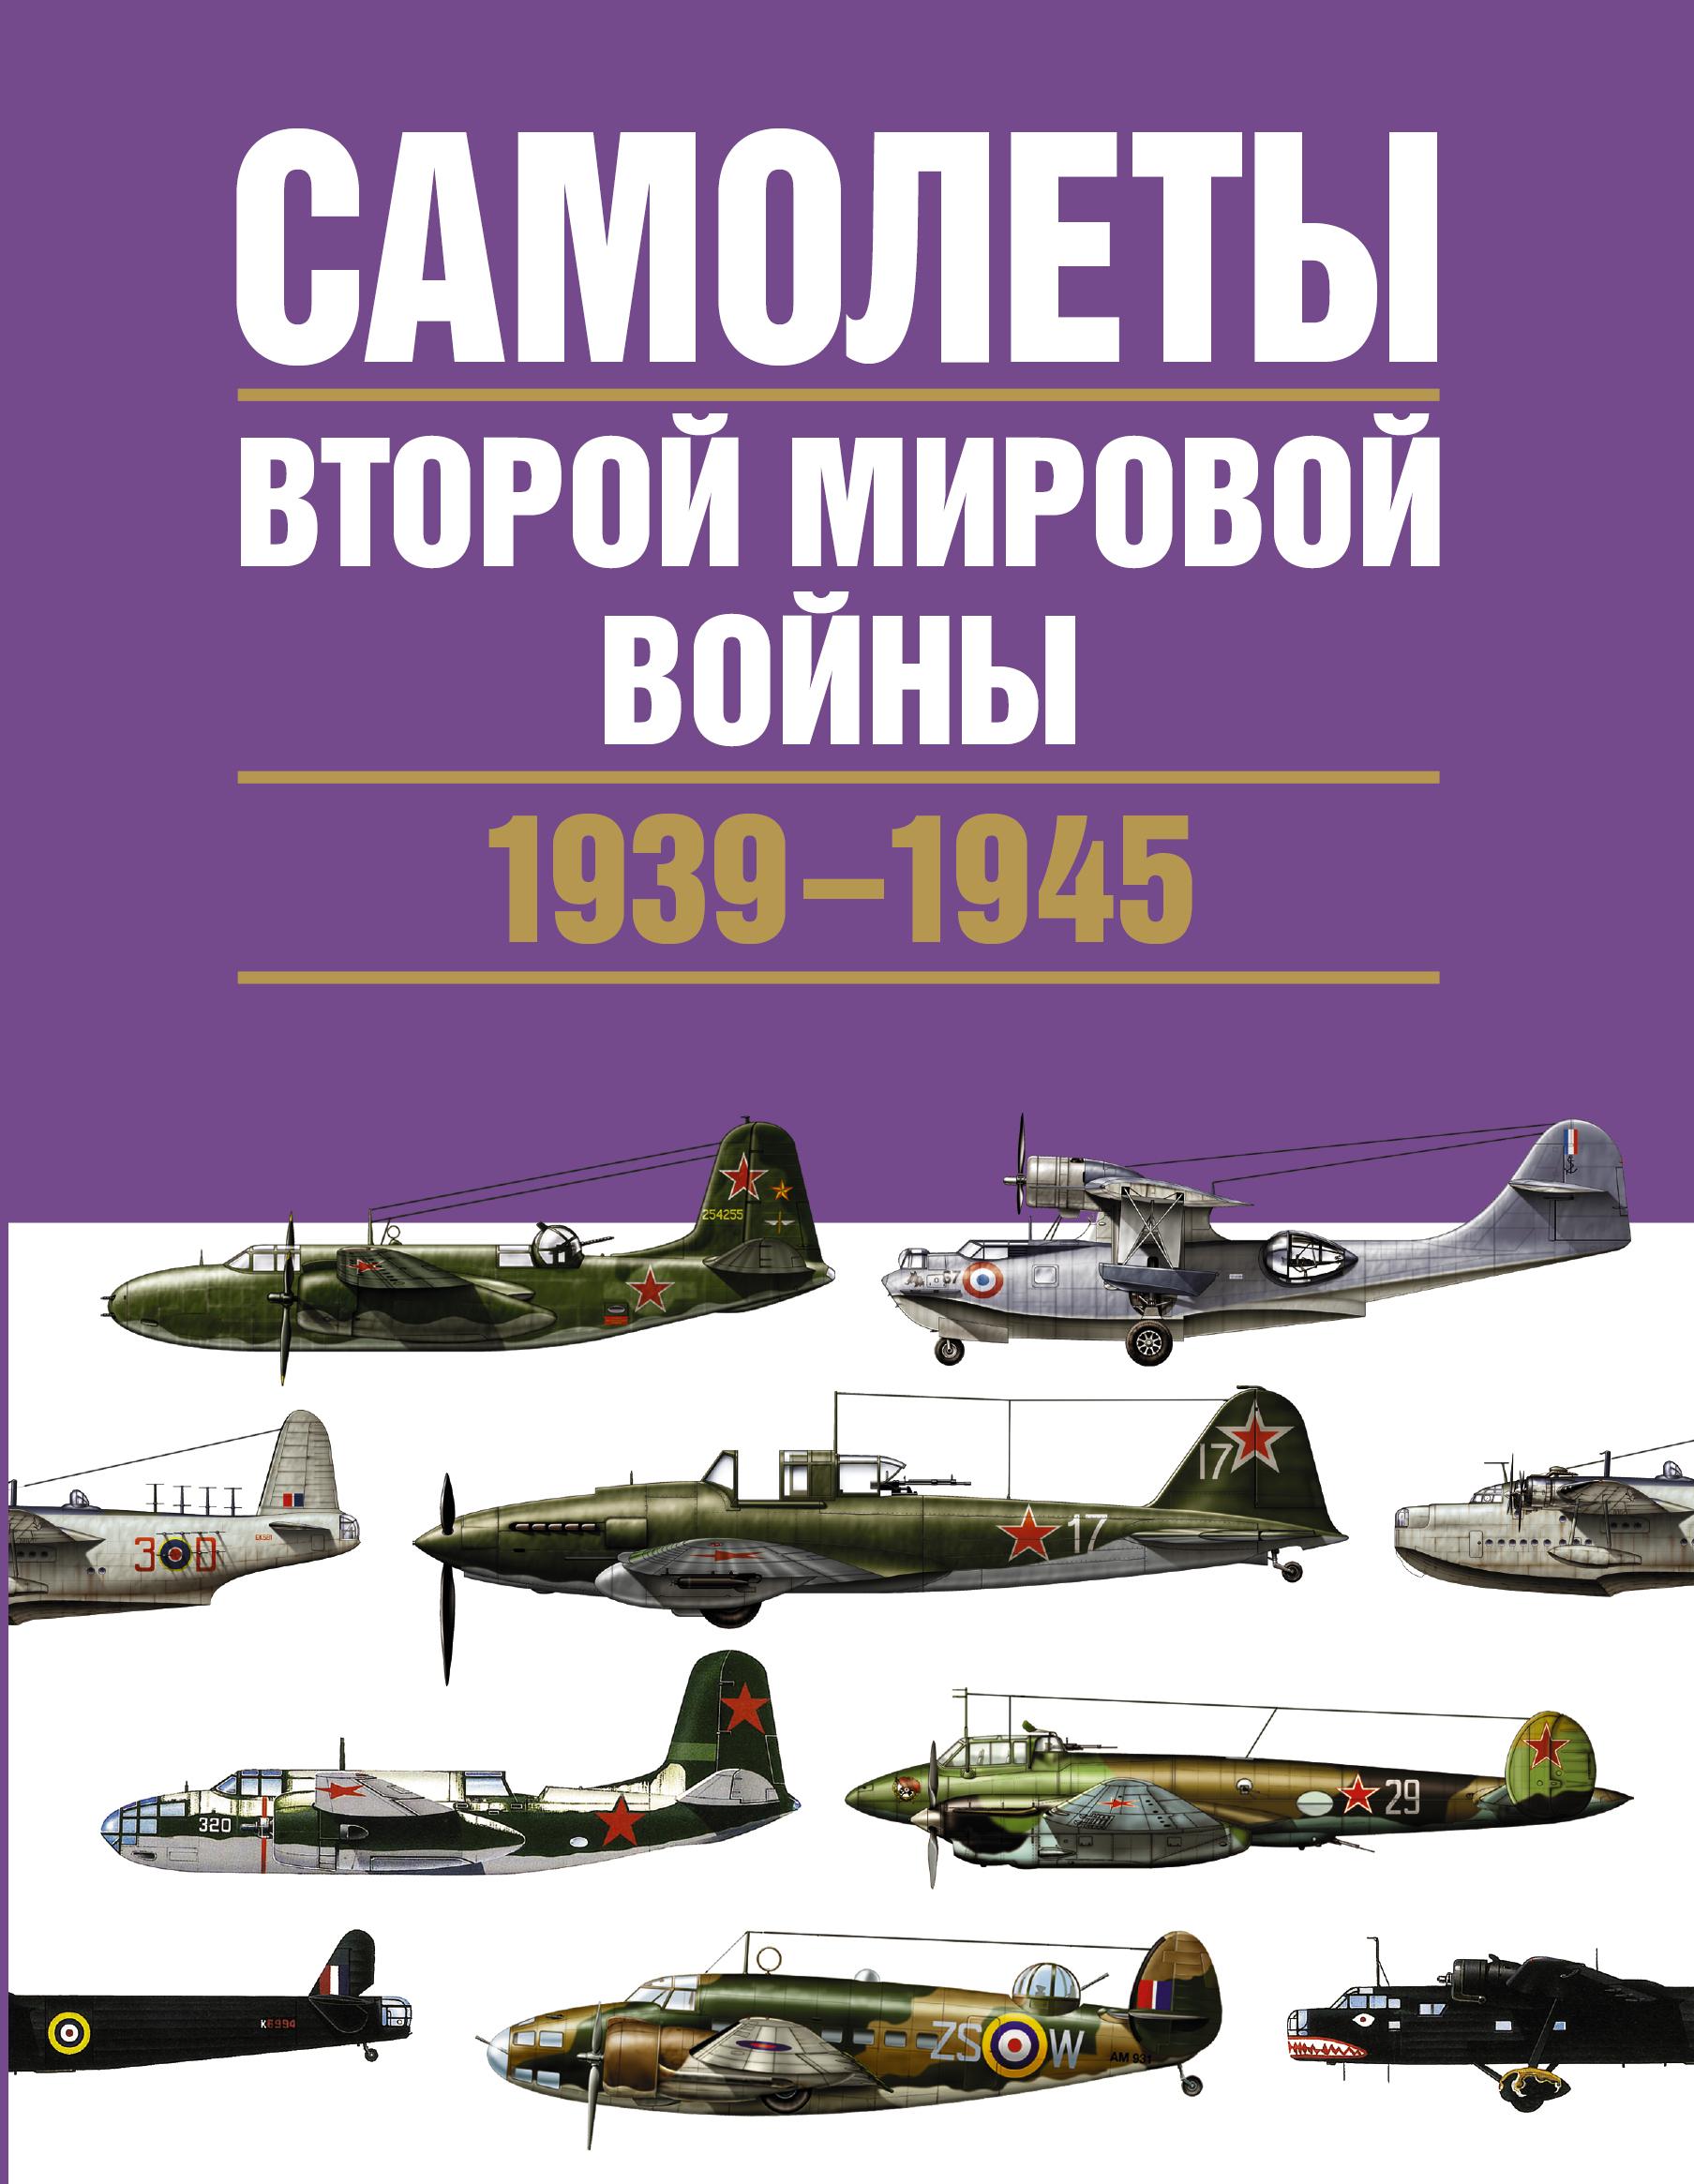 Чент К. Самолеты Второй мировой войны. 1939-1945